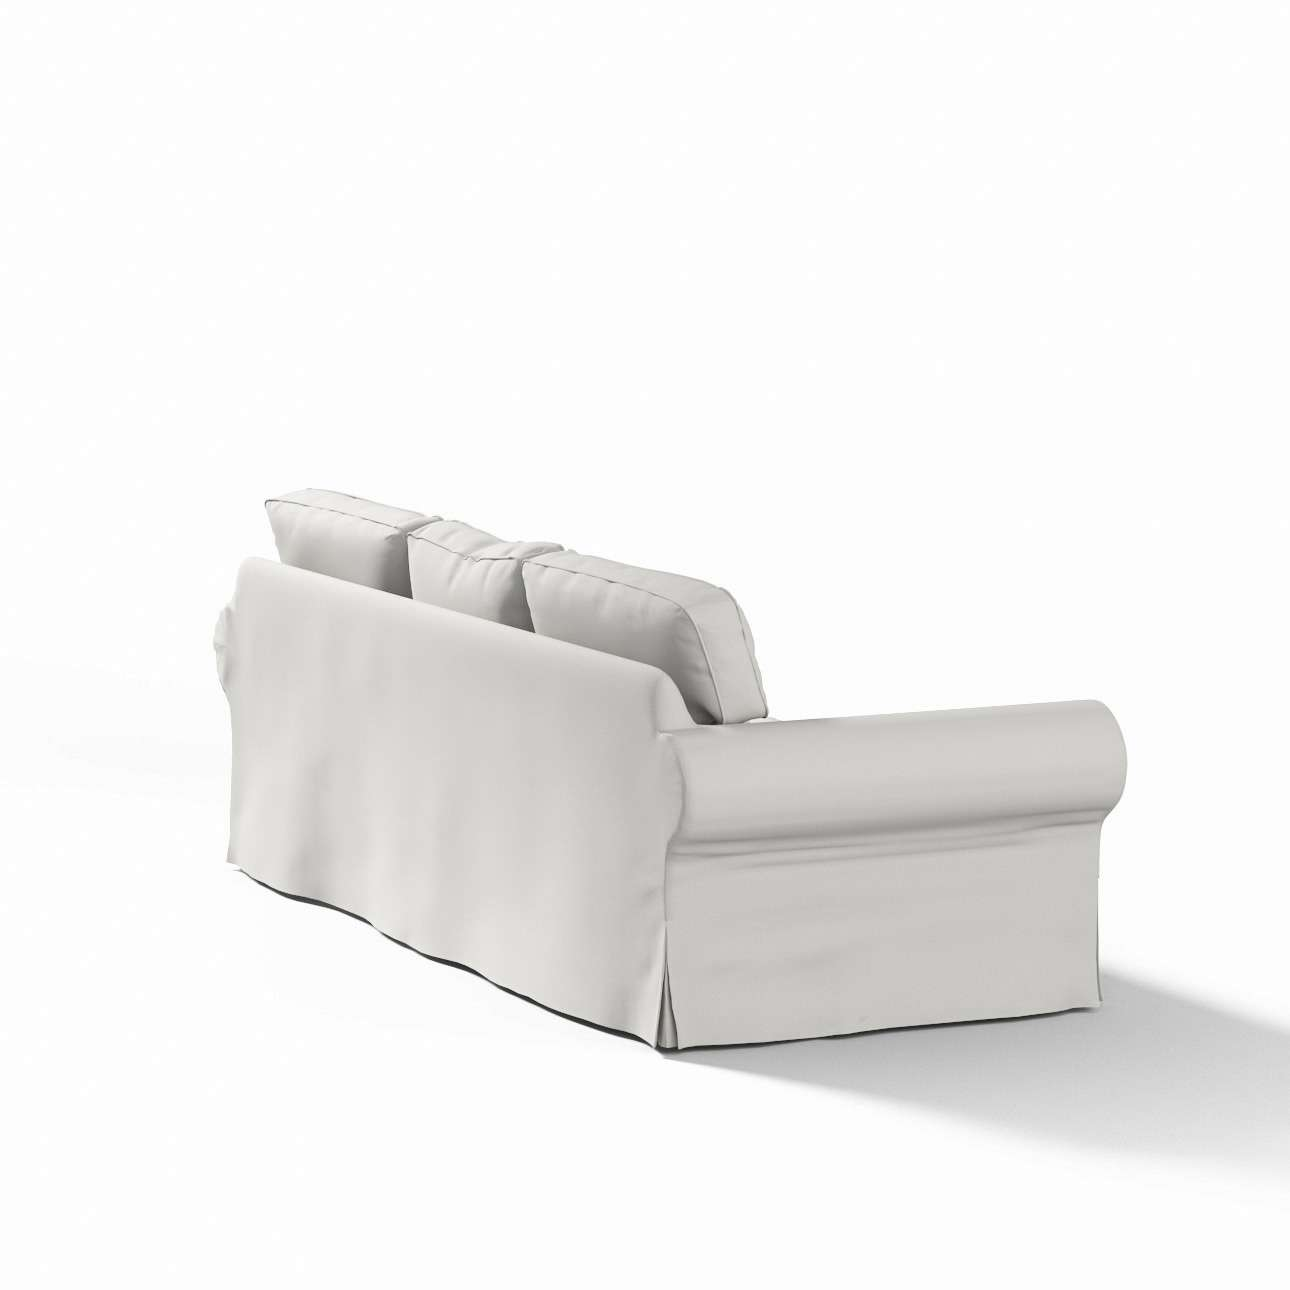 Pokrowiec na sofę Ektorp 3-osobową, rozkładaną w kolekcji Etna, tkanina: 705-90